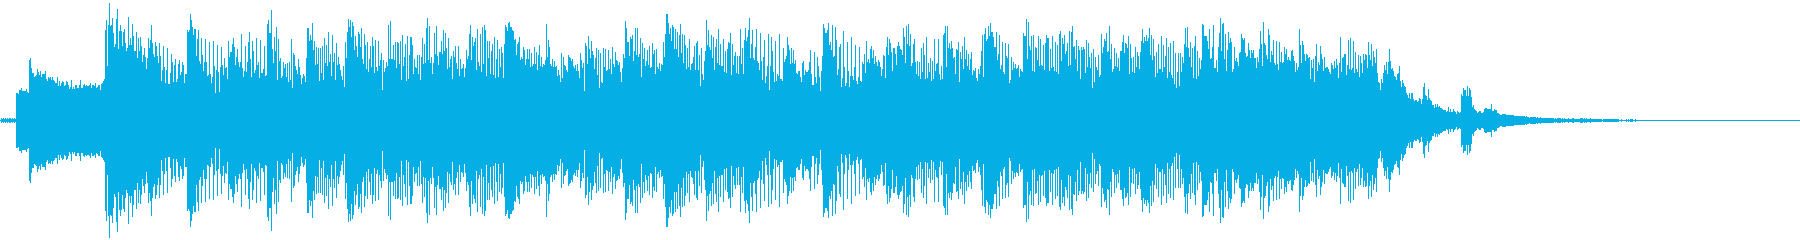 代替ロックテーマの駆動の再生済みの波形